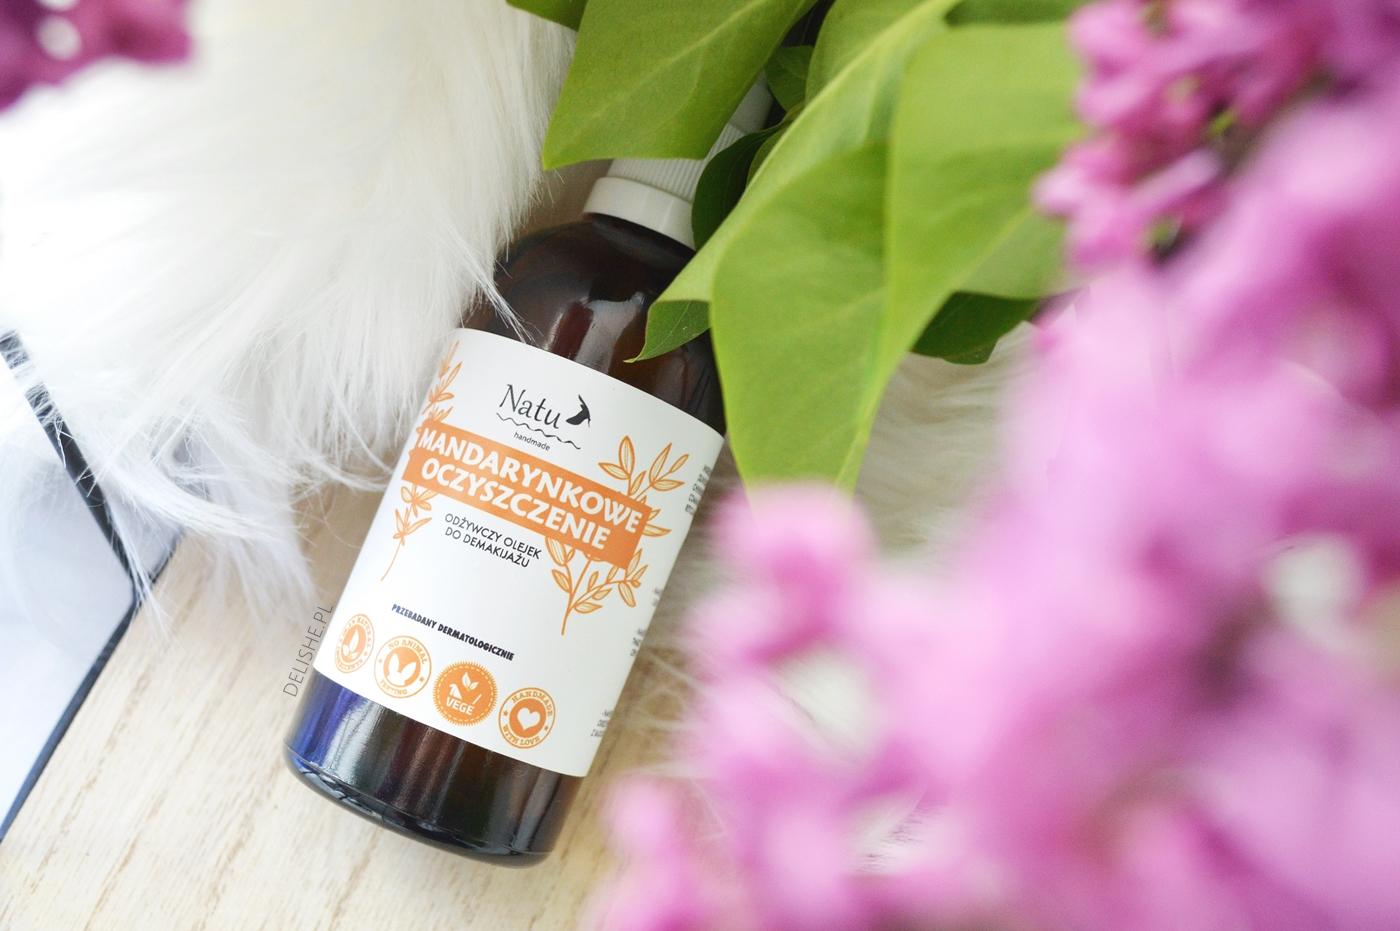 pewniaki kosmetyczne do pielęgnacji, olejek natu handmade